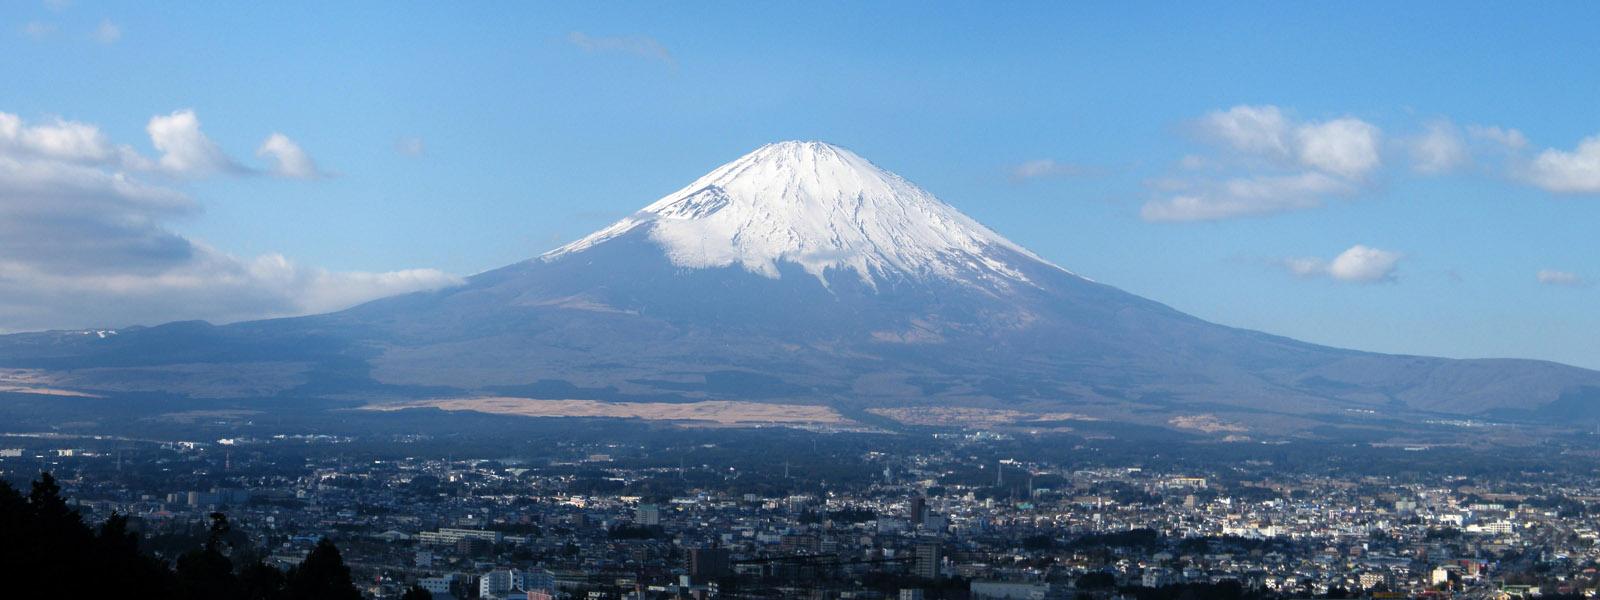 City Views and Mt Fuji